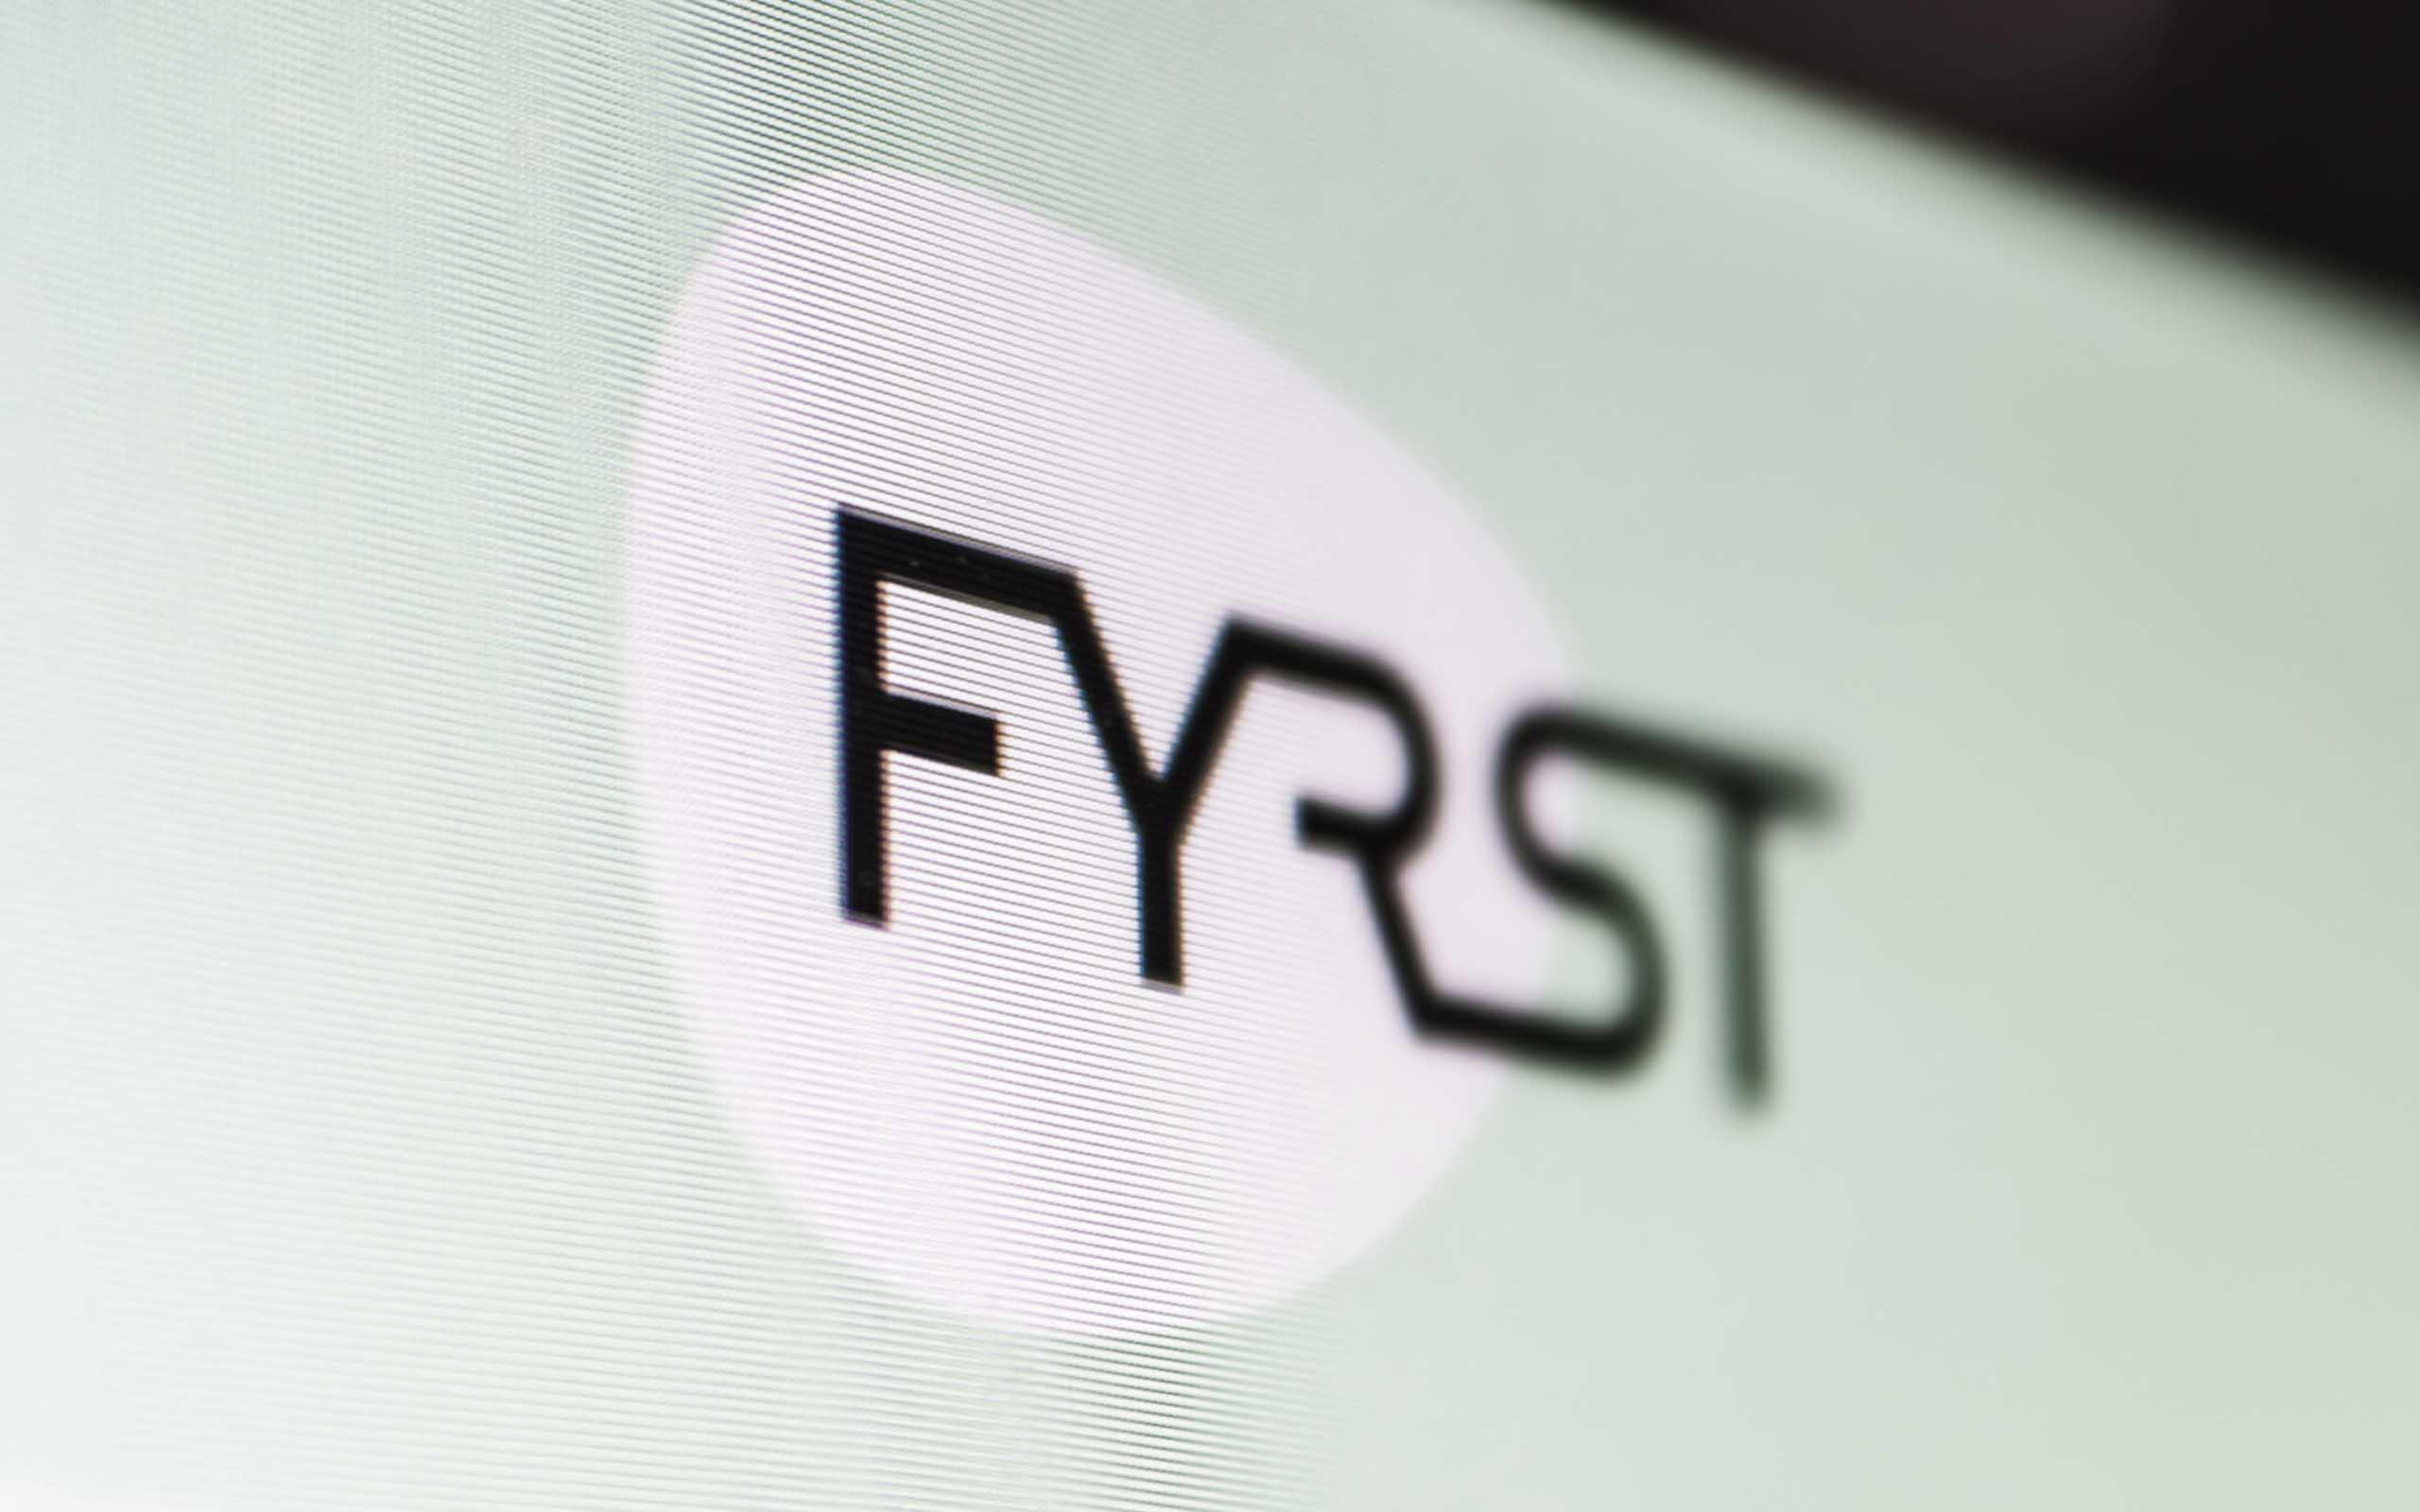 FYRST Loogo auf einem Bildschirm